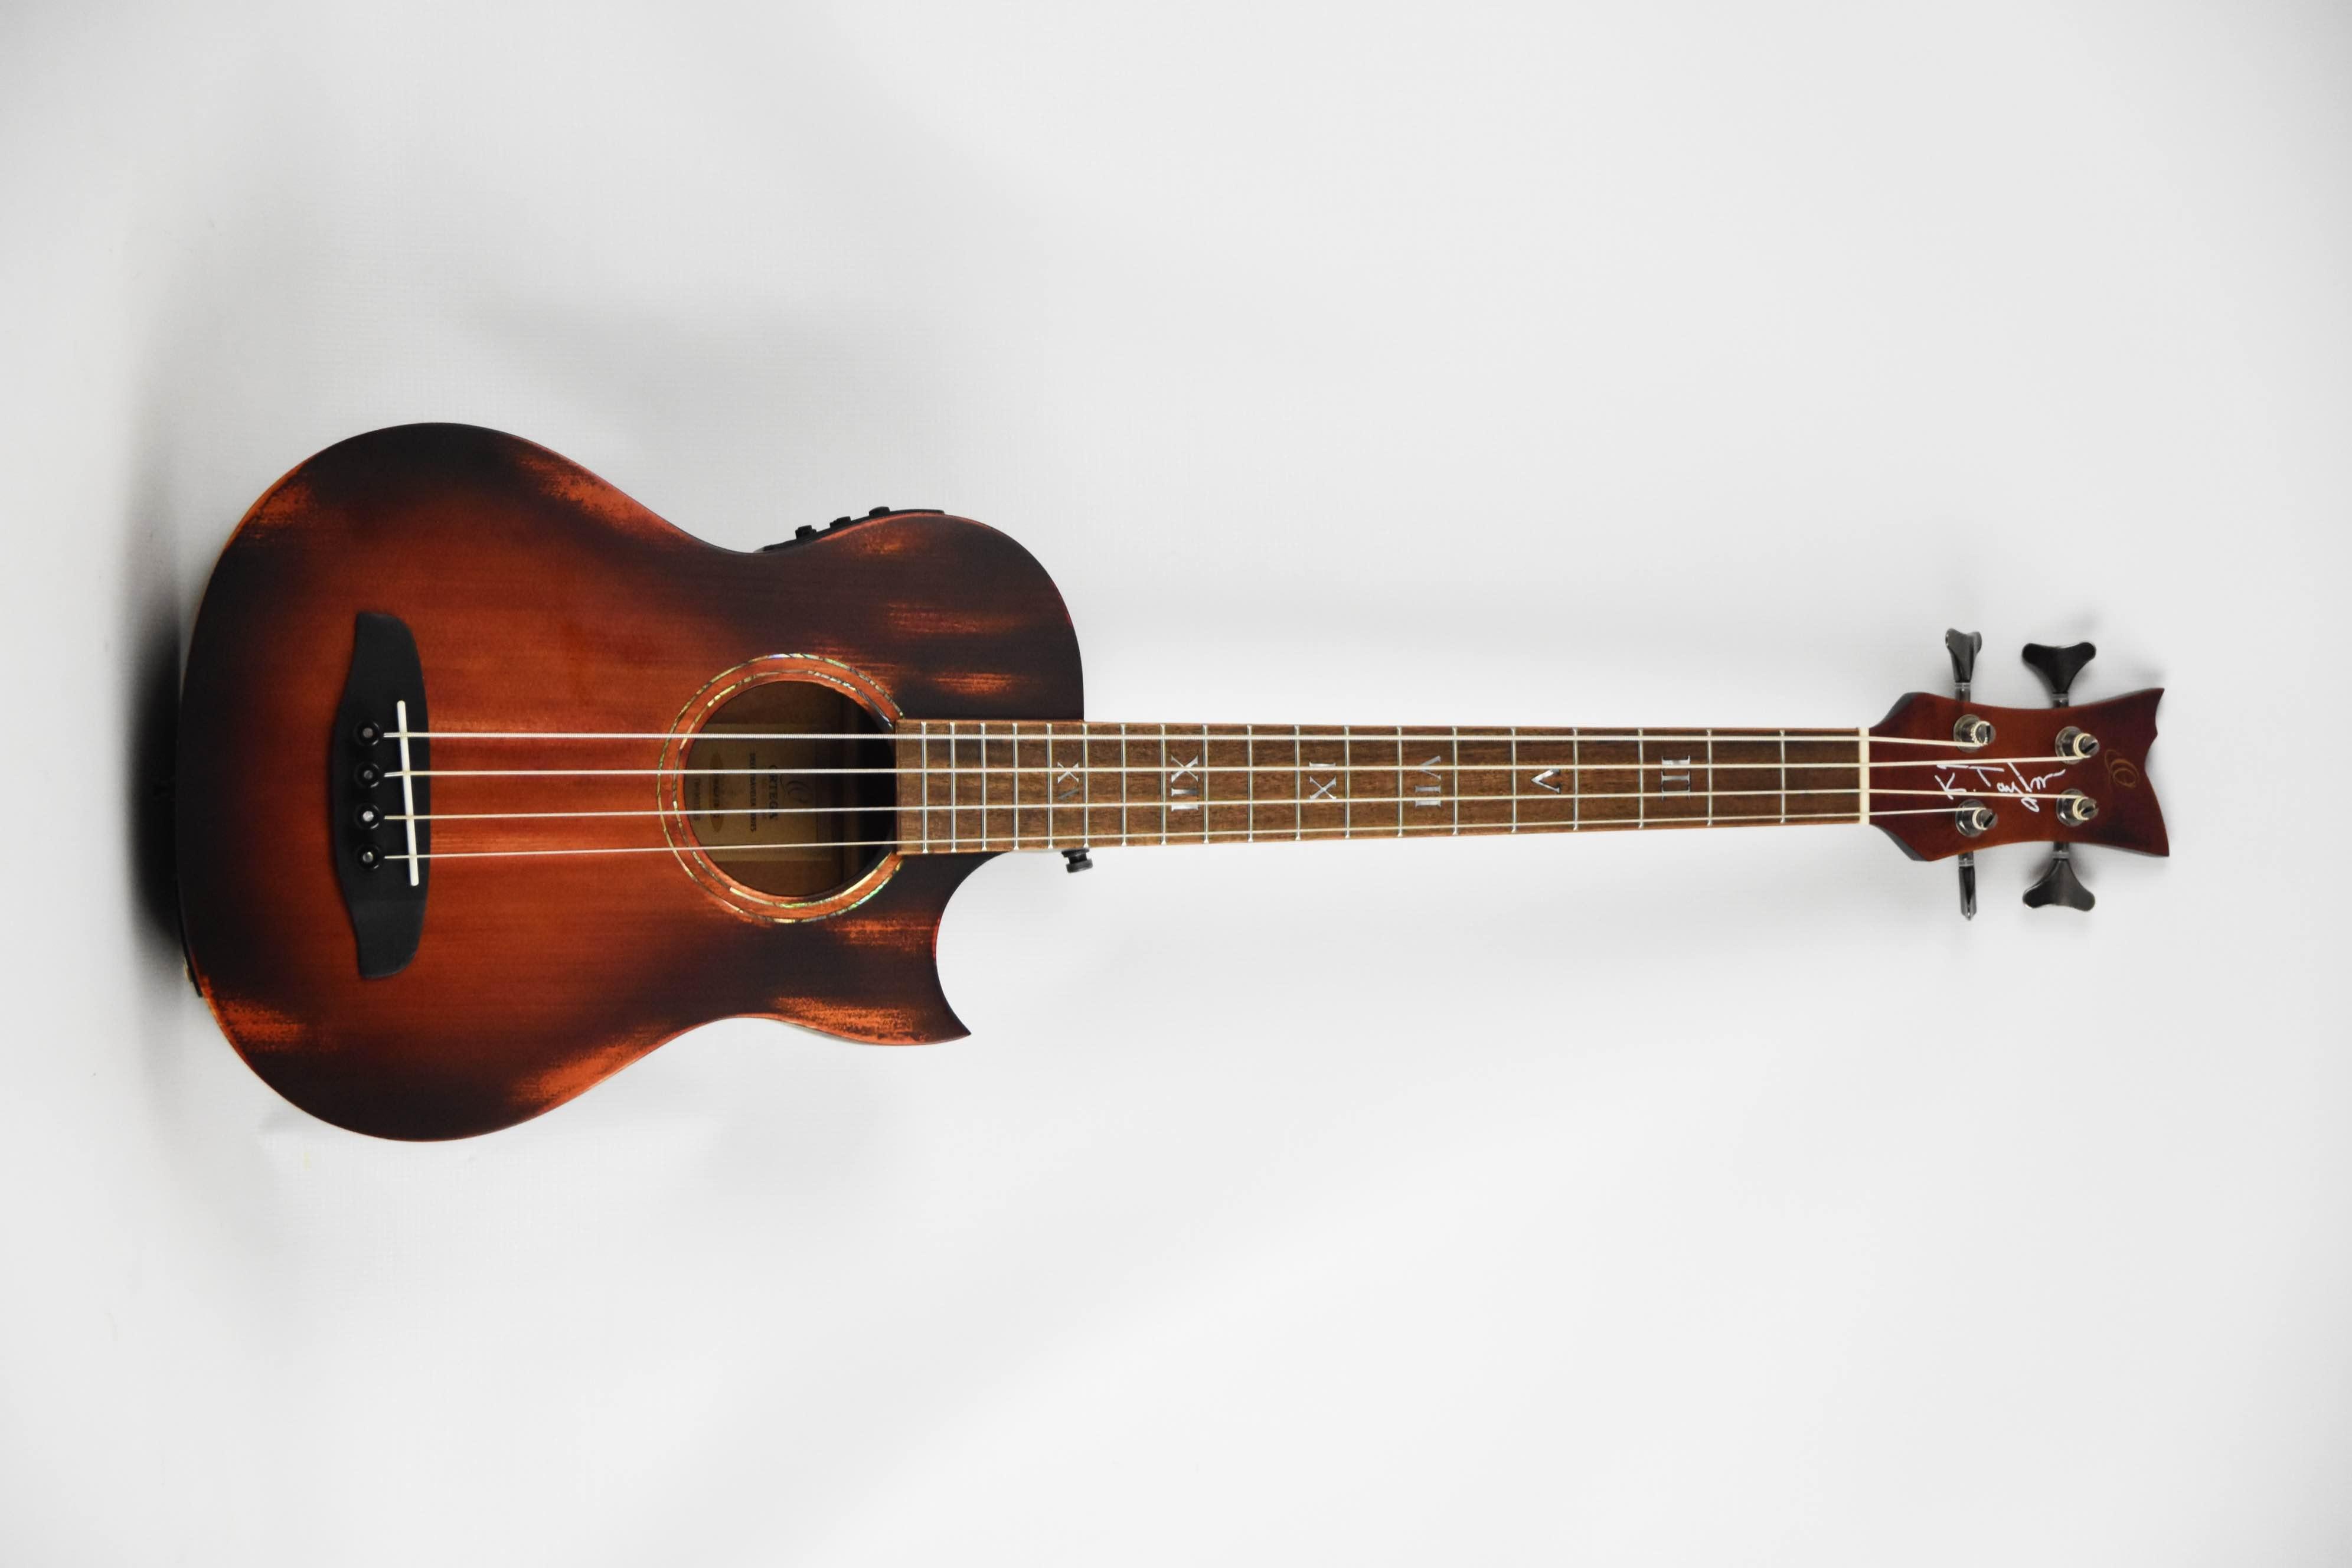 Ortega KT-Walker-V2 bass ukulele bassguitar.beatit.tv